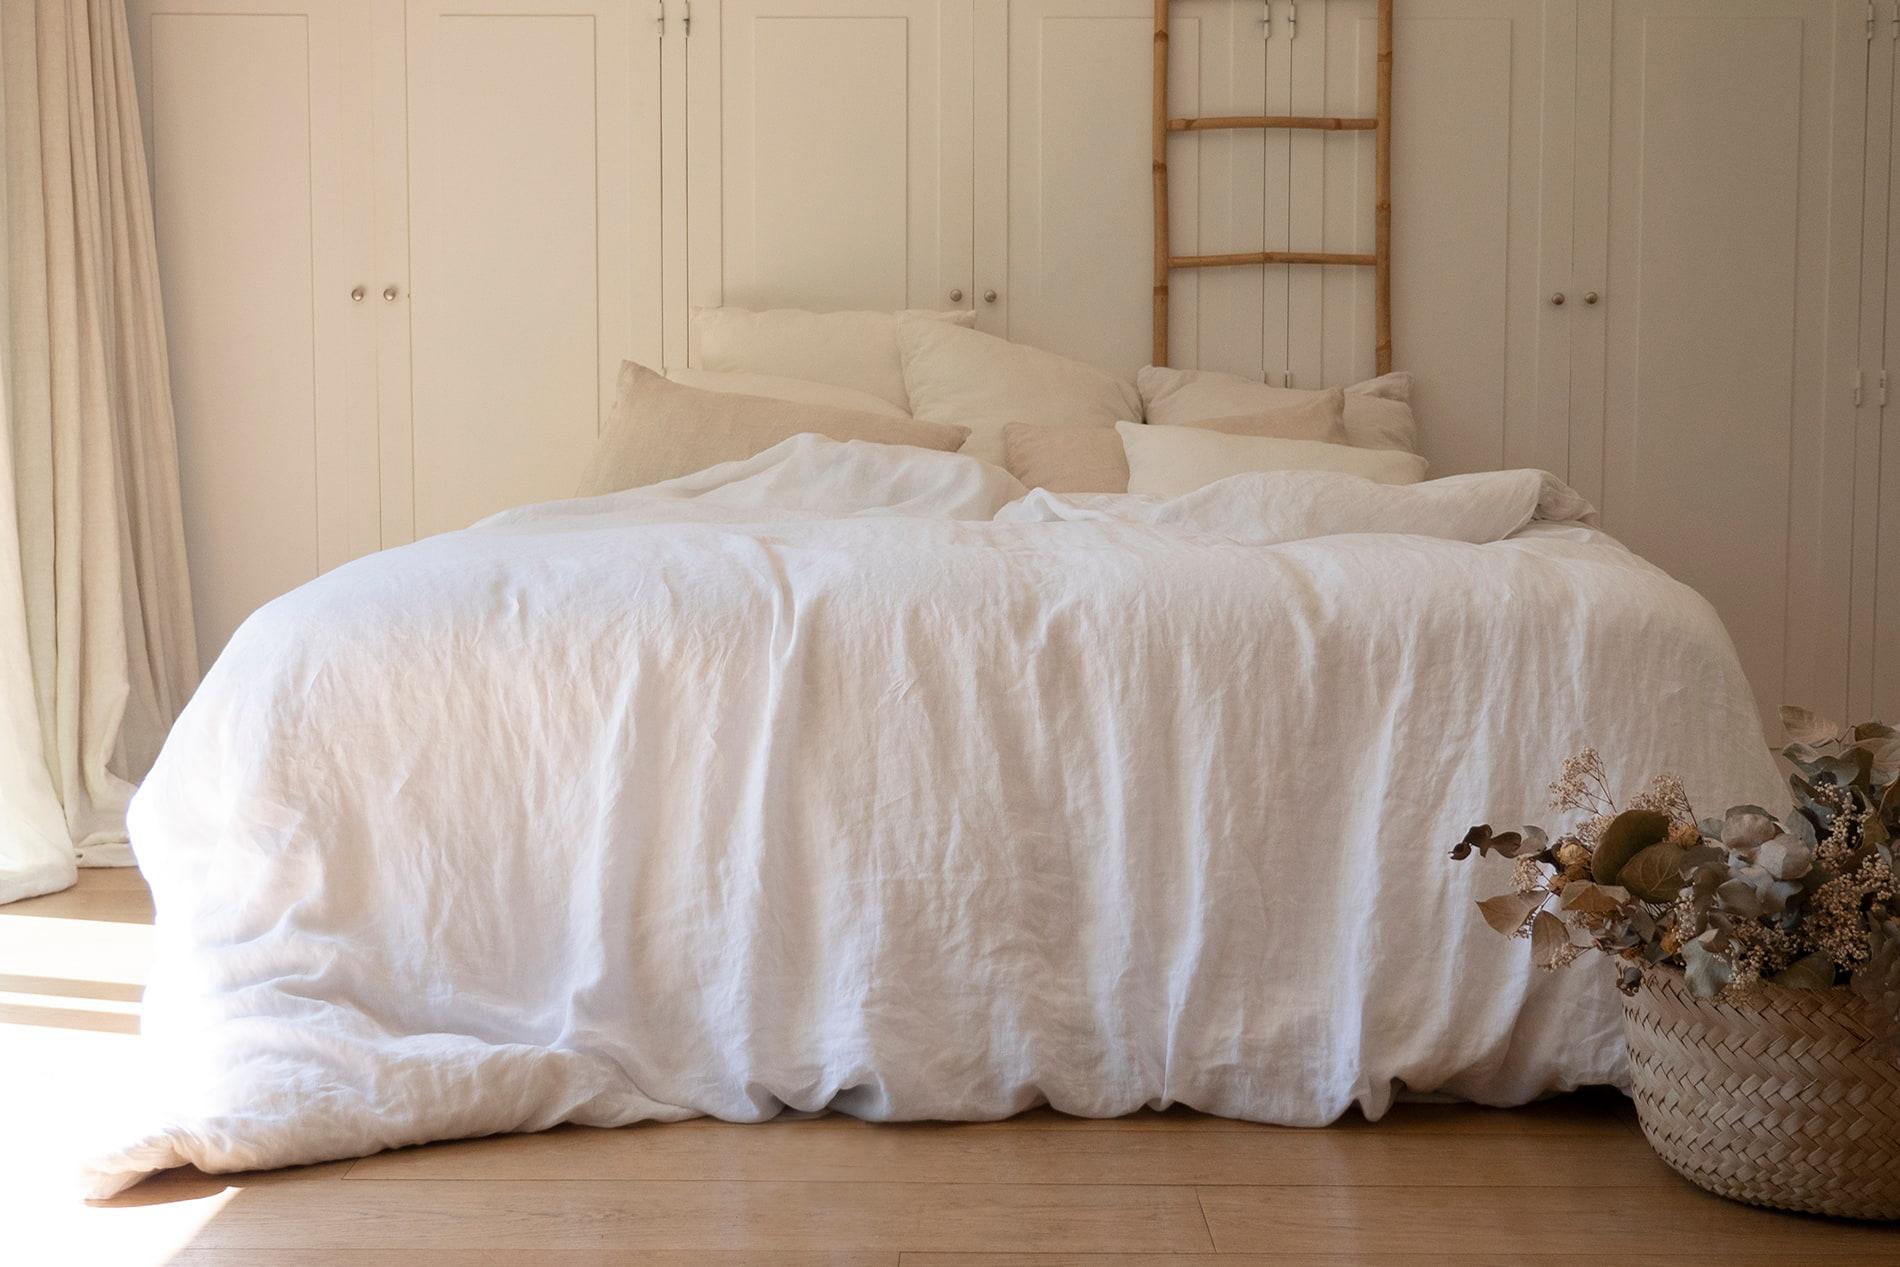 BLANC NATURE - Parure de lit en lin lavé blanc 260x240 cm